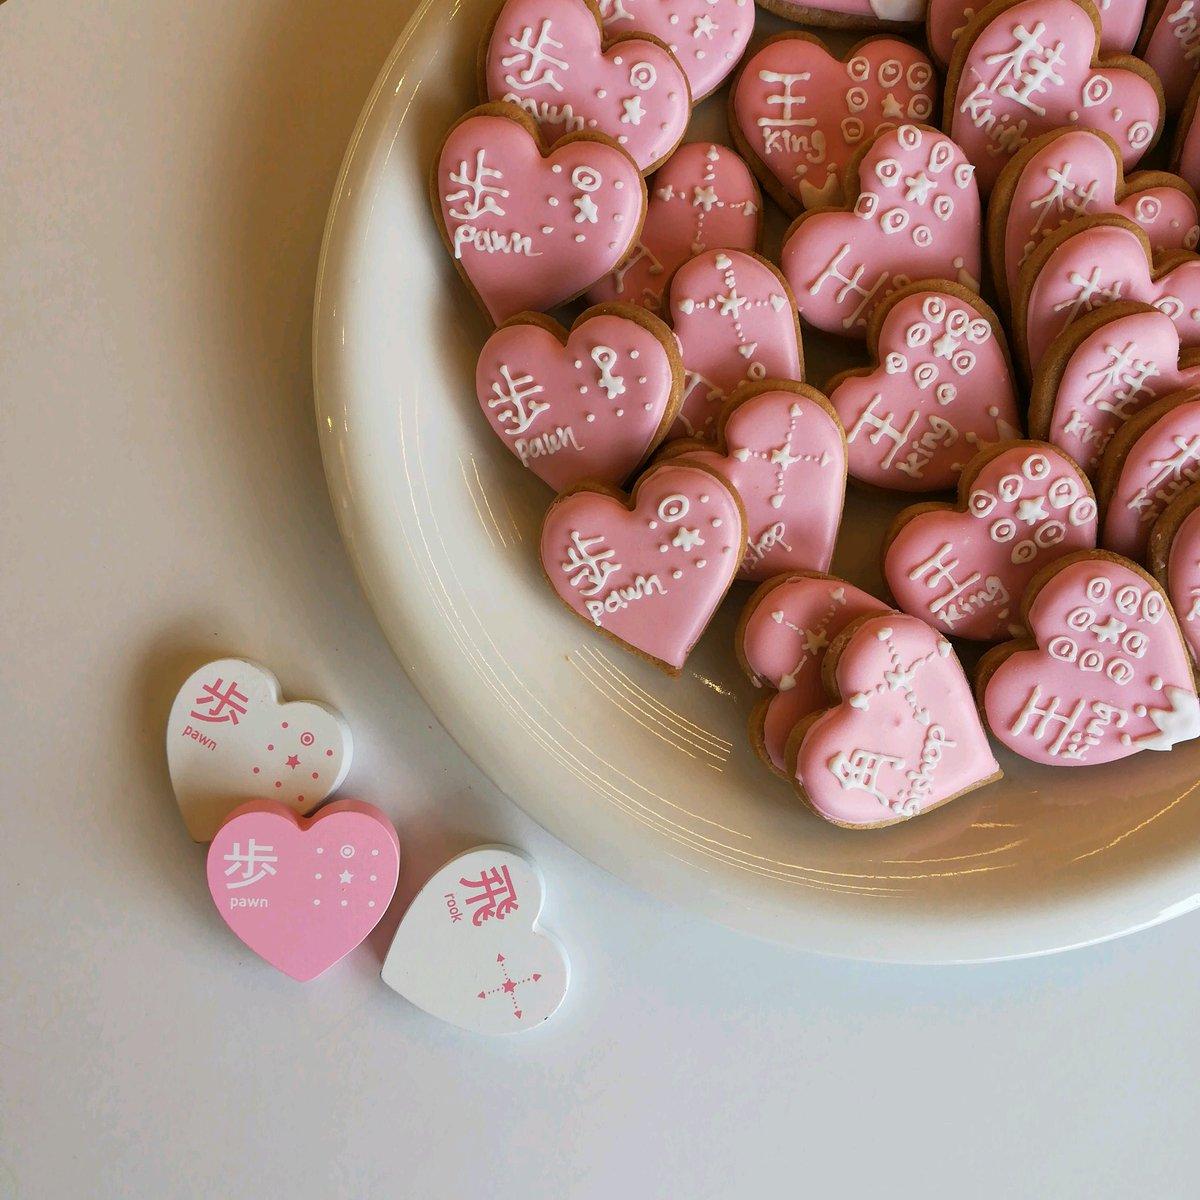 西北菓子工房シェイノウエ「うえすと♡君」さんの投稿画像